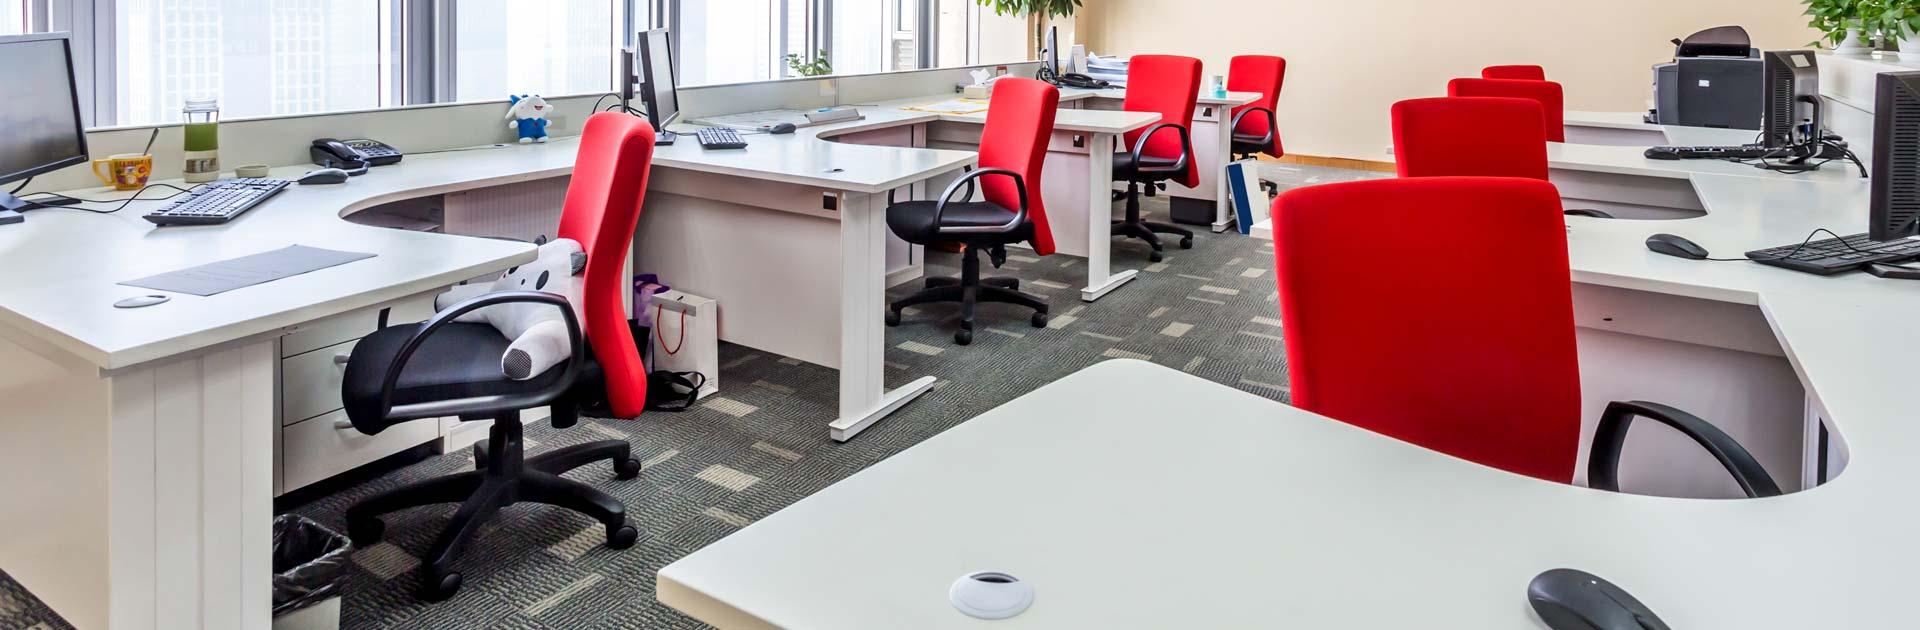 Flying Desk: So funktioniert das System wechselnder Arbeitsplätze